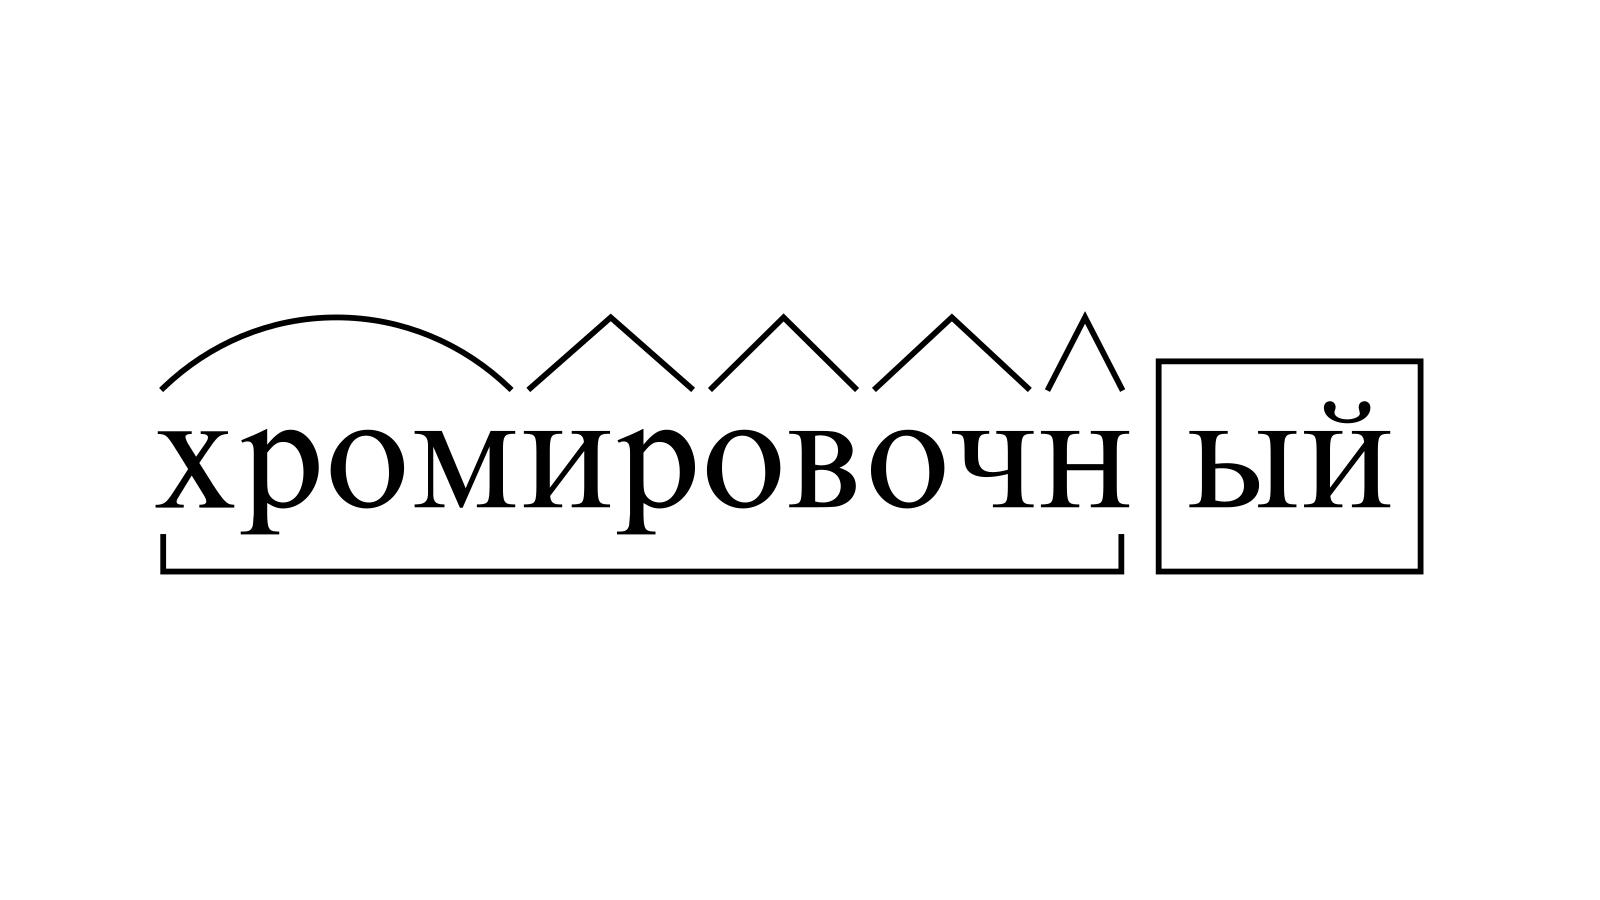 Разбор слова «хромировочный» по составу